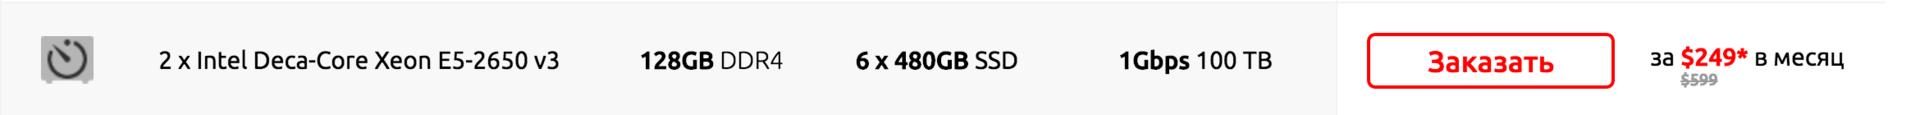 Серверы в Нидерландах в premium-ЦОДе становятся дешевле OVH, Hetzner при заключении контракта с ua-hosting.company - 1